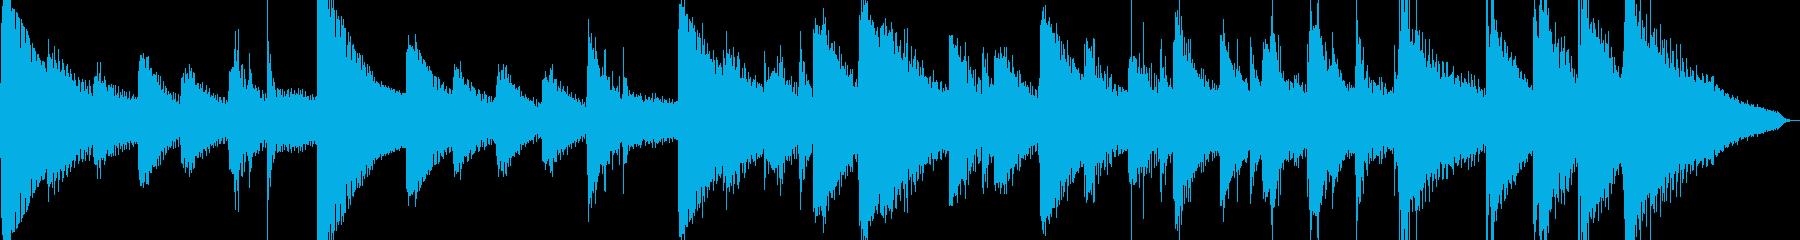 お正月に合いそうな短いサウンドですの再生済みの波形